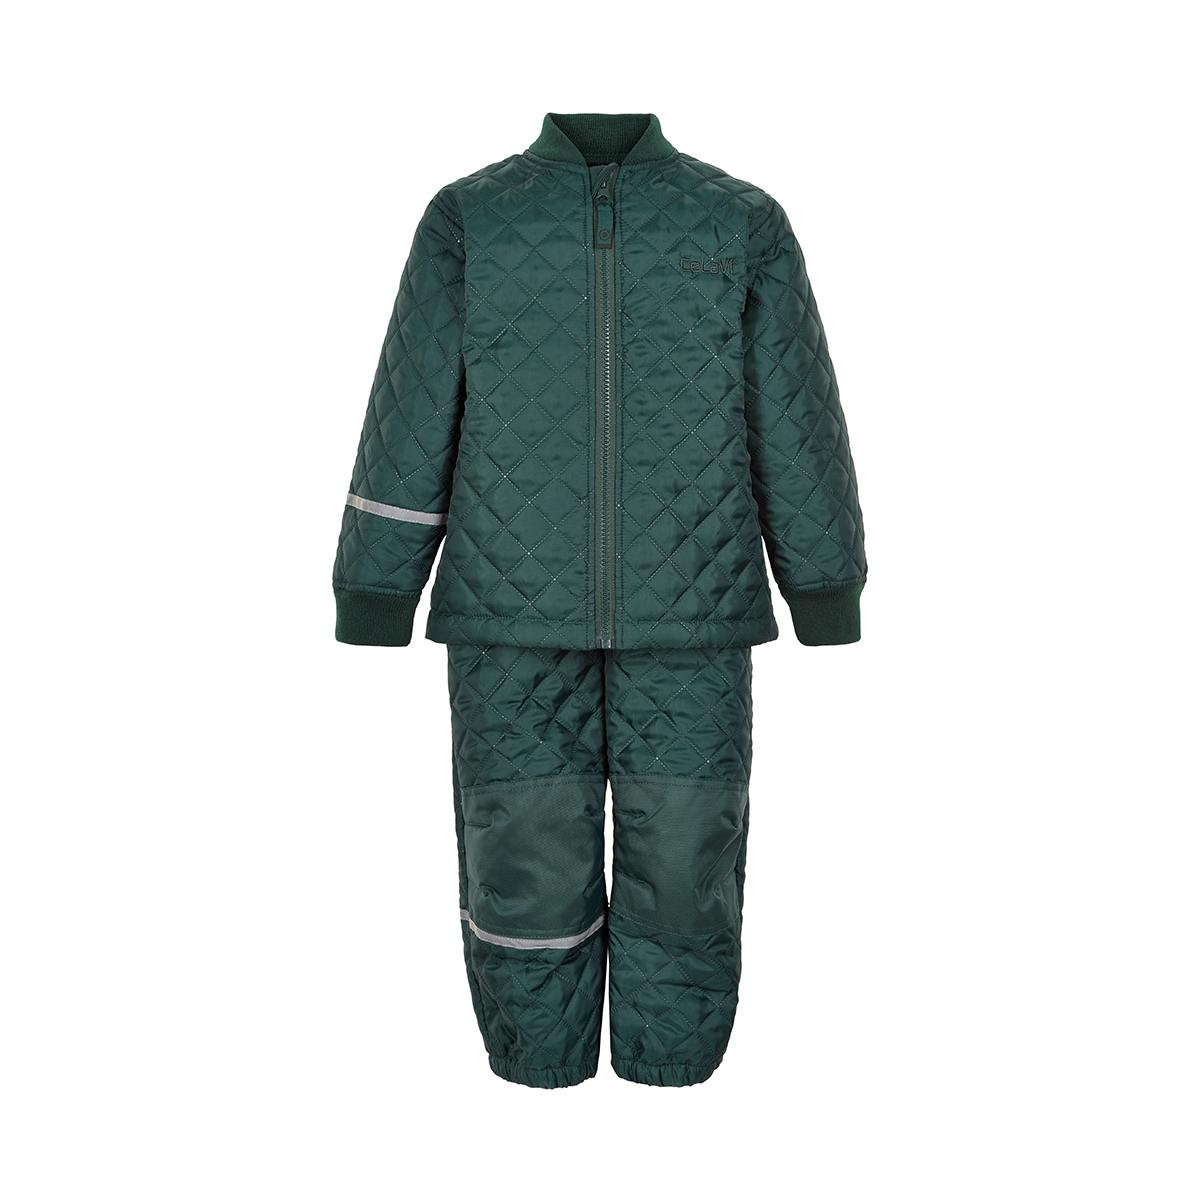 CeLaVi dětský termo oblek 3555-923